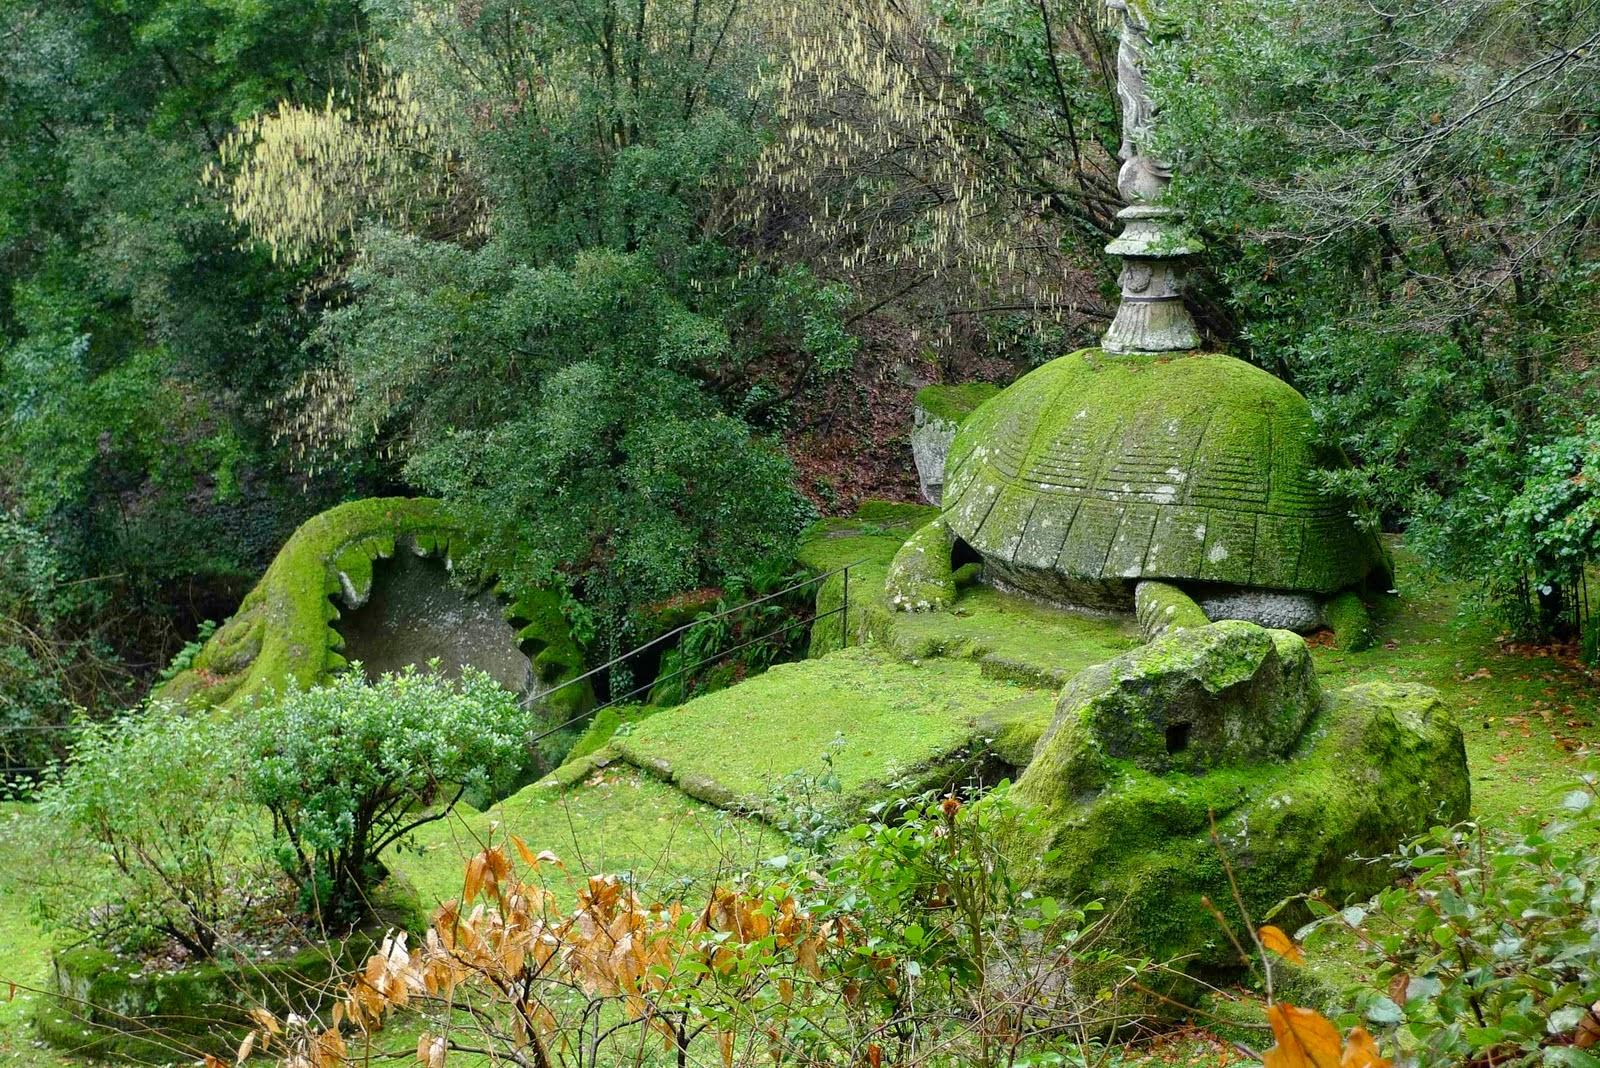 Las hojas del bosque el bosque en miniatura i el for Jardines de bomarzo